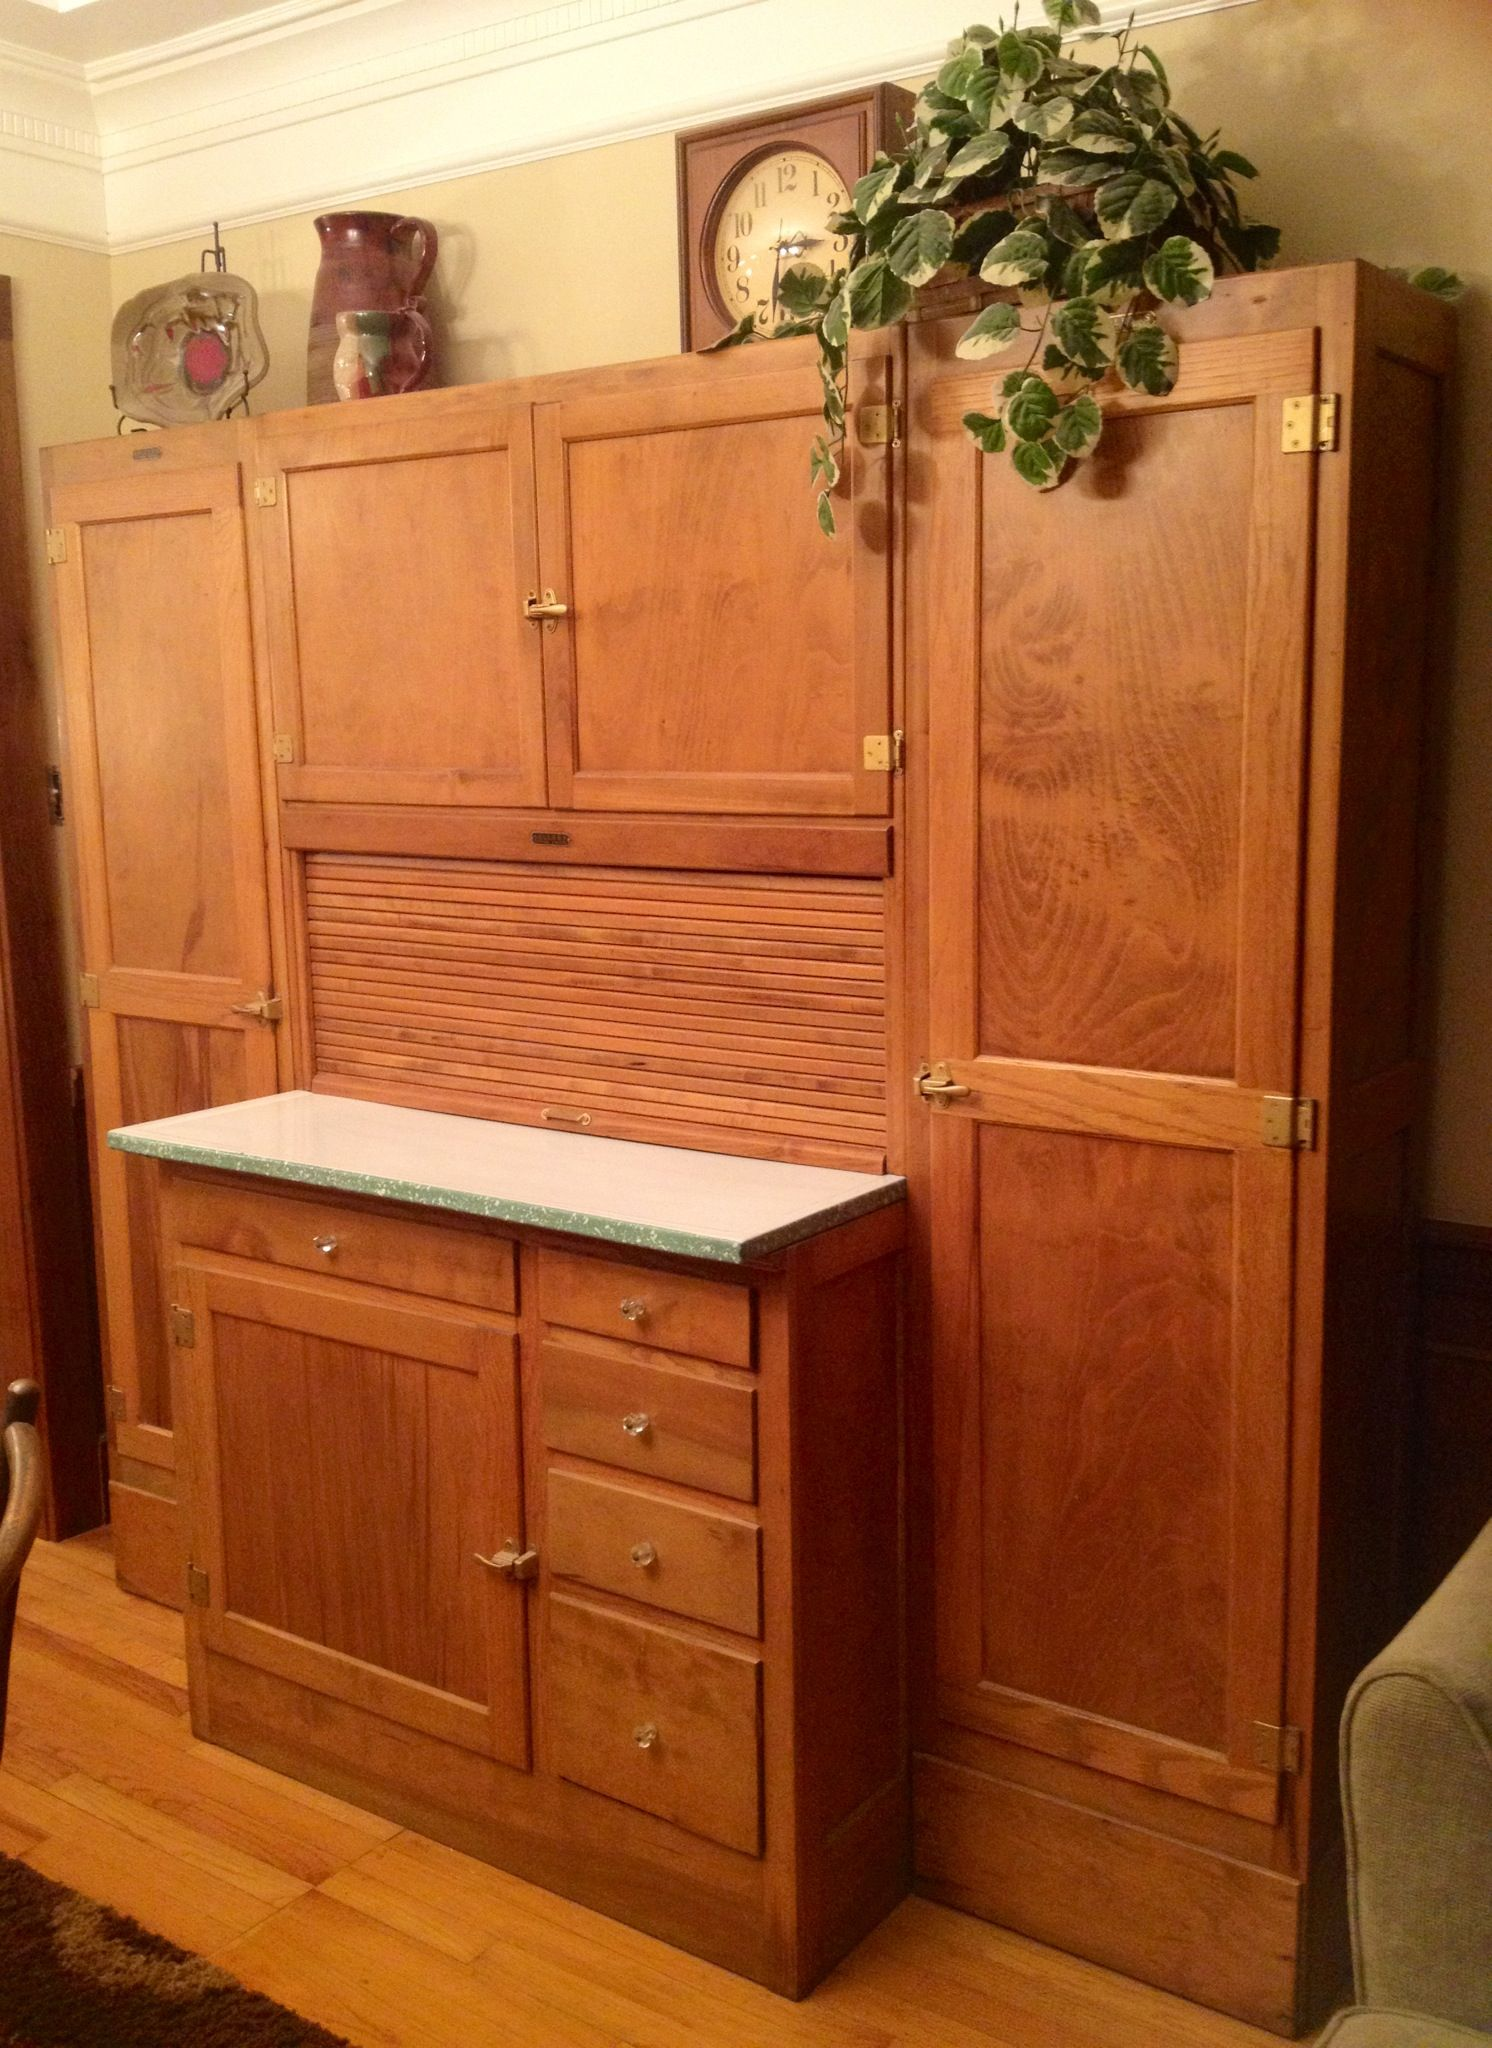 Best Seller S Hoosier Cabinet With Side Cabinets Hoosier 400 x 300